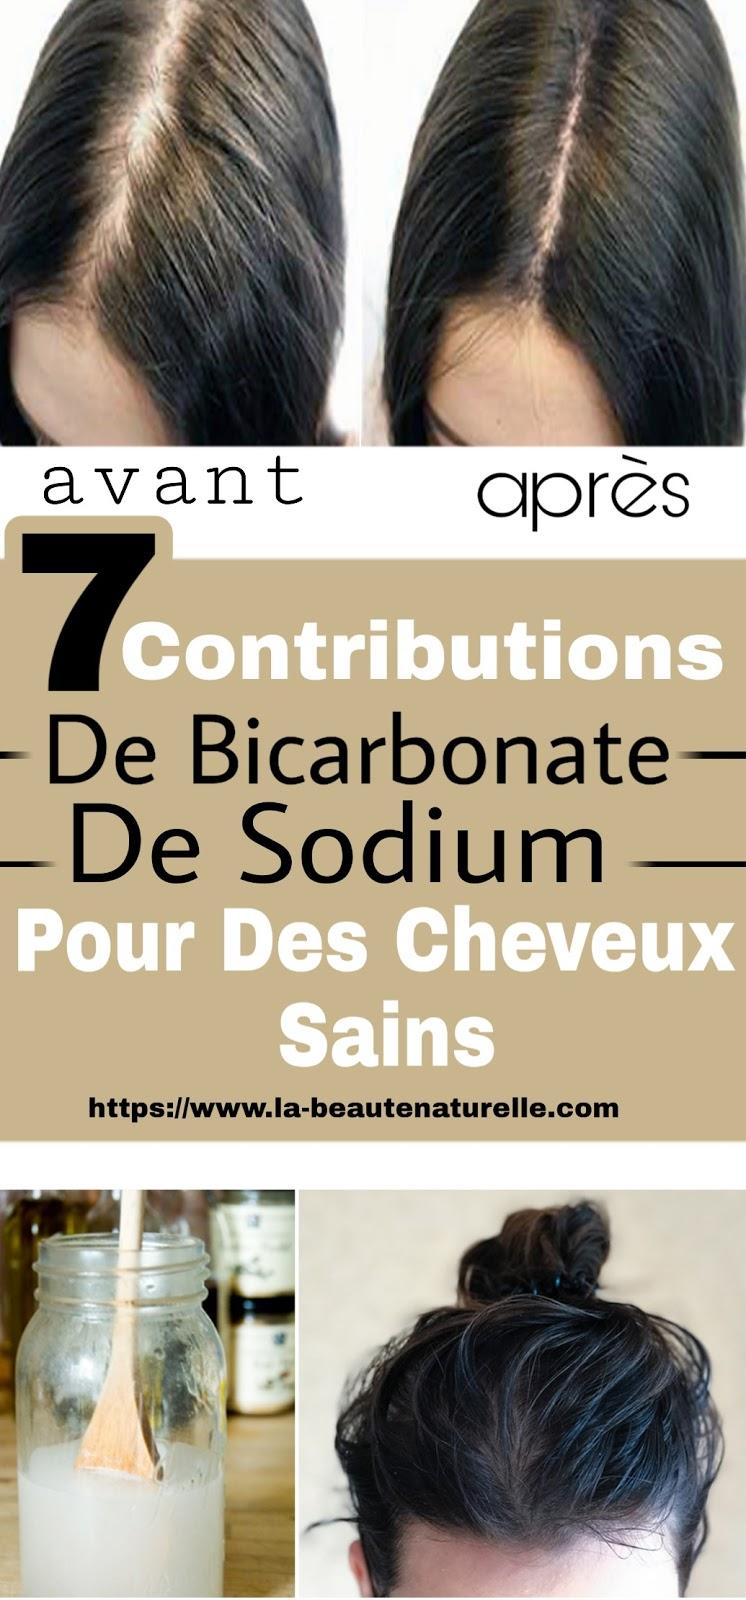 7 Contributions De Bicarbonate De Sodium Pour Des Cheveux Sains